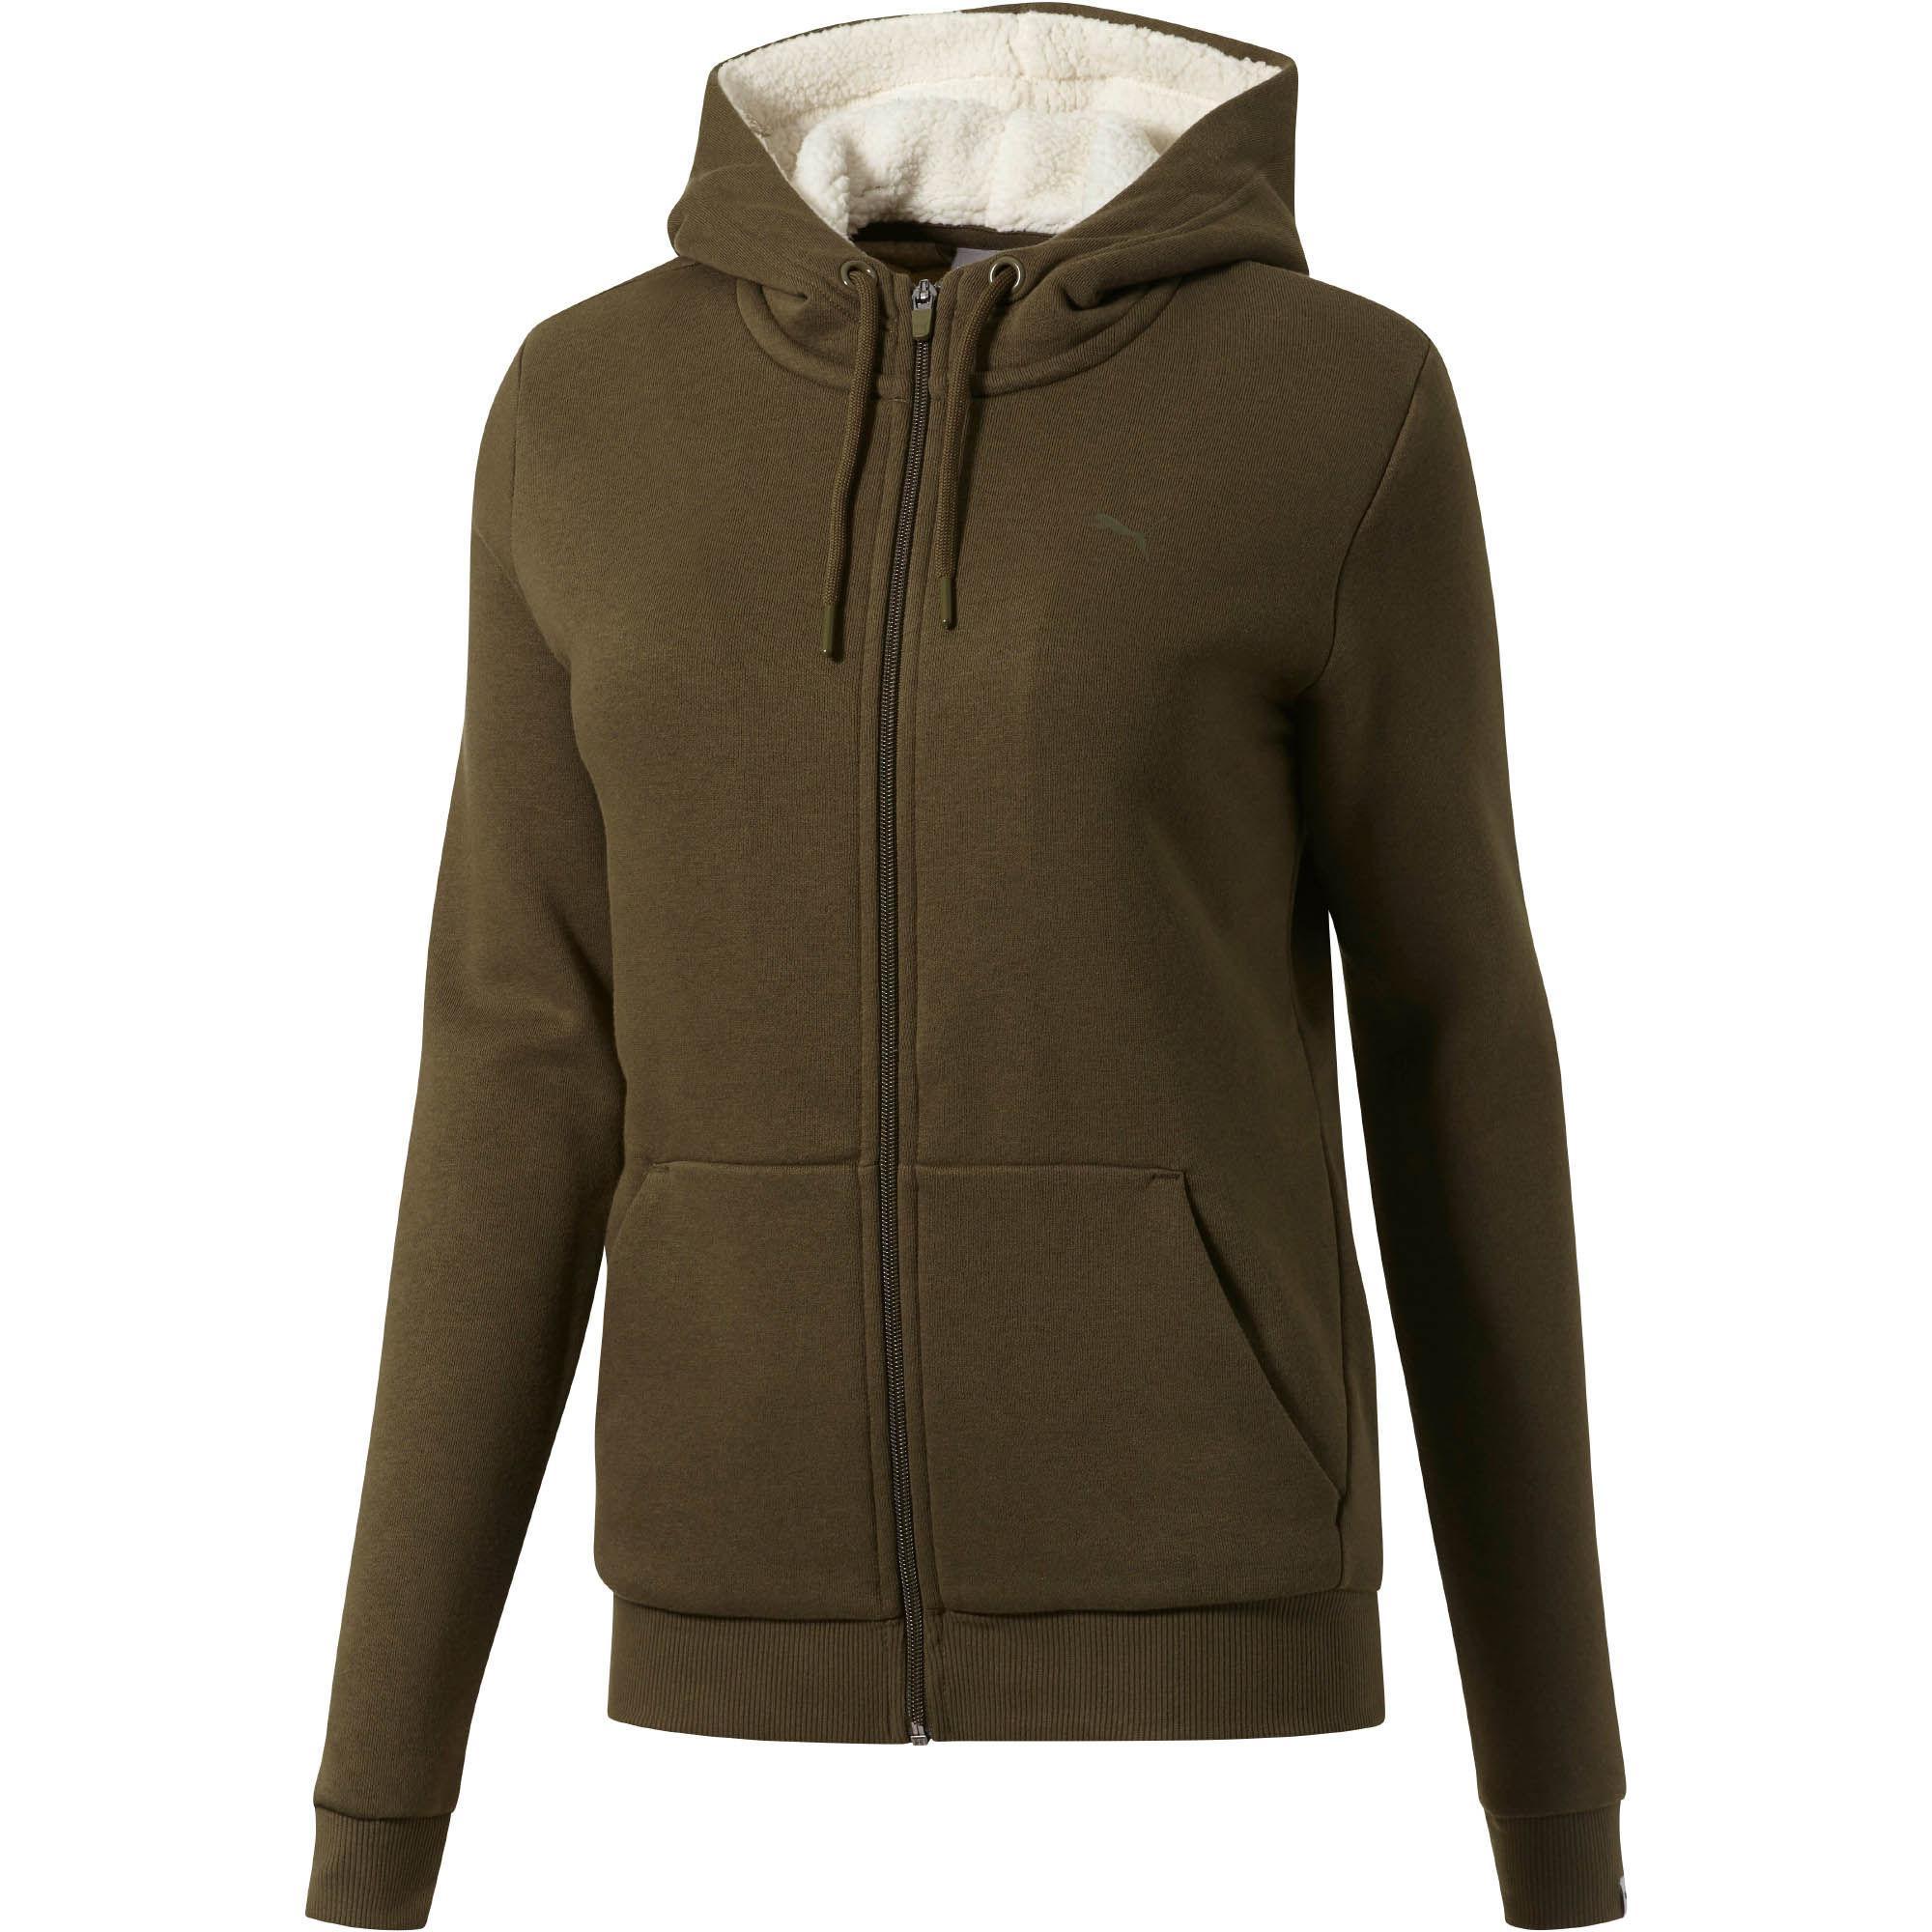 PUMA. Green Women's Collegiate Full Zip Fleece Hoodie